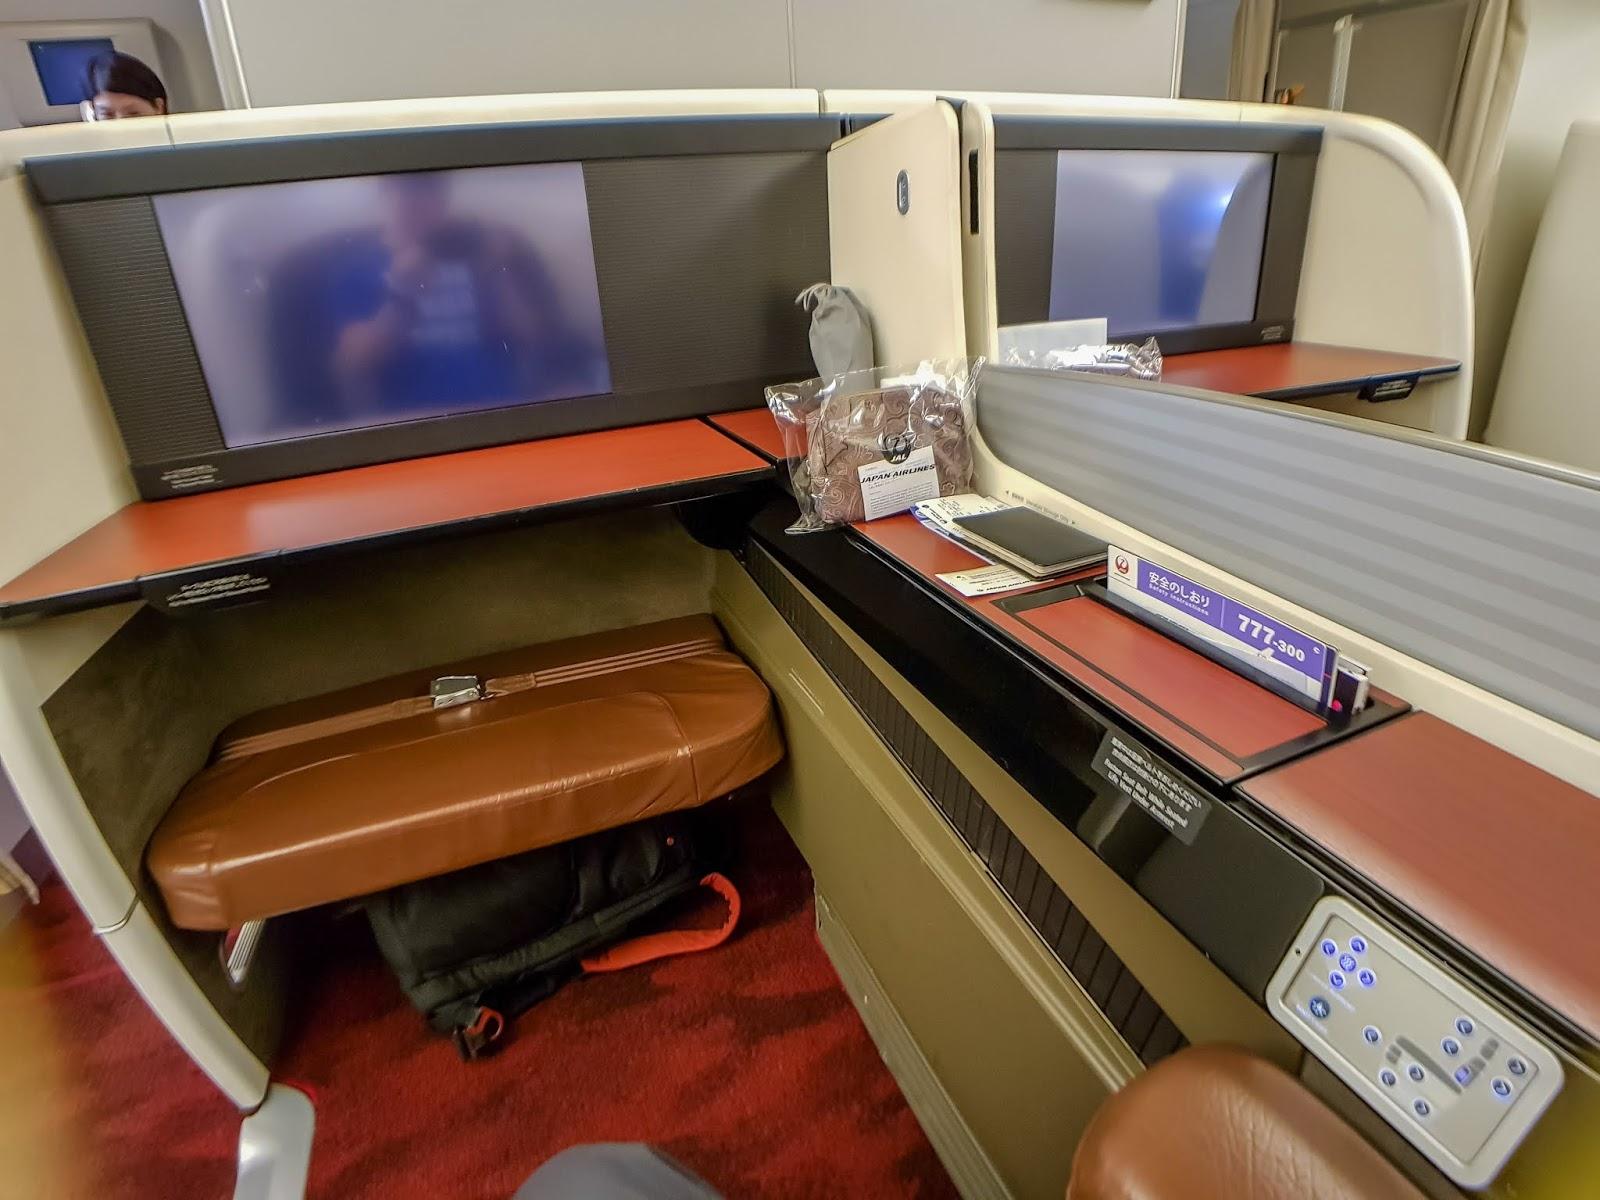 日本航空JL2: 東京羽田HND → 舊金山SFO 頭等艙飛行紀錄 (B777-300)